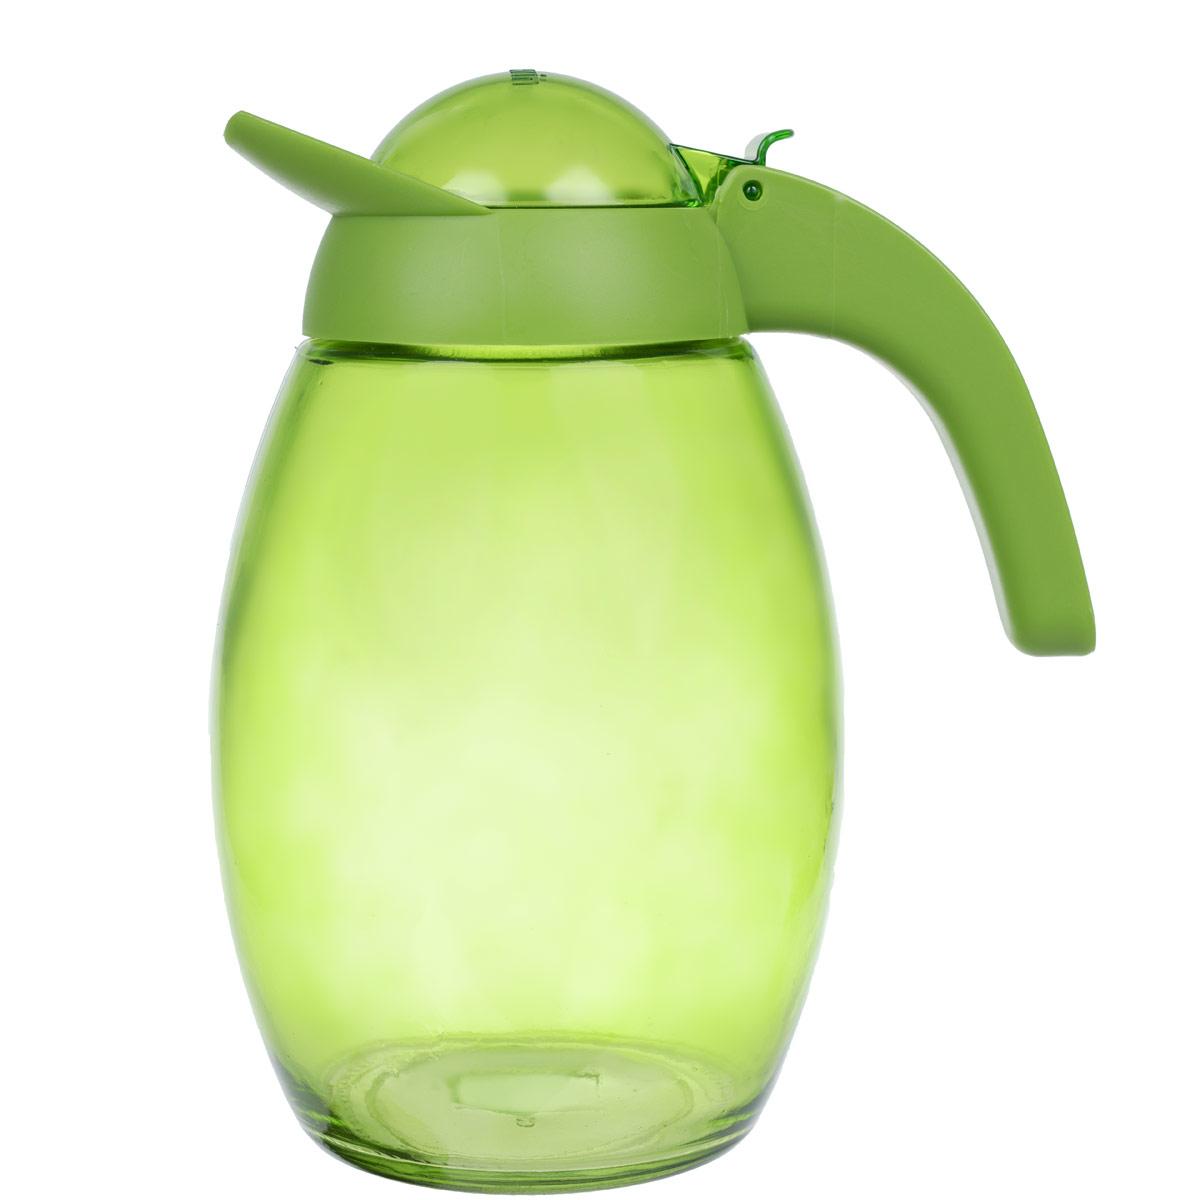 Кувшин Herevin с крышкой, цвет: зеленый, 1,6 л. 111311111311-000Кувшин Herevin, выполненный из высококачественного прочного стекла, элегантно украсит ваш стол. Кувшин оснащен удобной ручкой и завинчивающейся пластиковой крышкой. Благодаря этому внутри сохраняется герметичность, и напитки дольше остаются свежими. Кувшин прост в использовании, достаточно просто наклонить его и налить ваш любимый напиток. Цветная крышка оснащена откидным механизмом для более удобного заливания жидкостей. Изделие прекрасно подойдет для подачи воды, сока, компота и других напитков. Кувшин Herevin дополнит интерьер вашей кухни и станет замечательным подарком к любому празднику.Диаметр (по верхнему краю): 6 см.Высота кувшина (без учета крышки): 18,5 см.